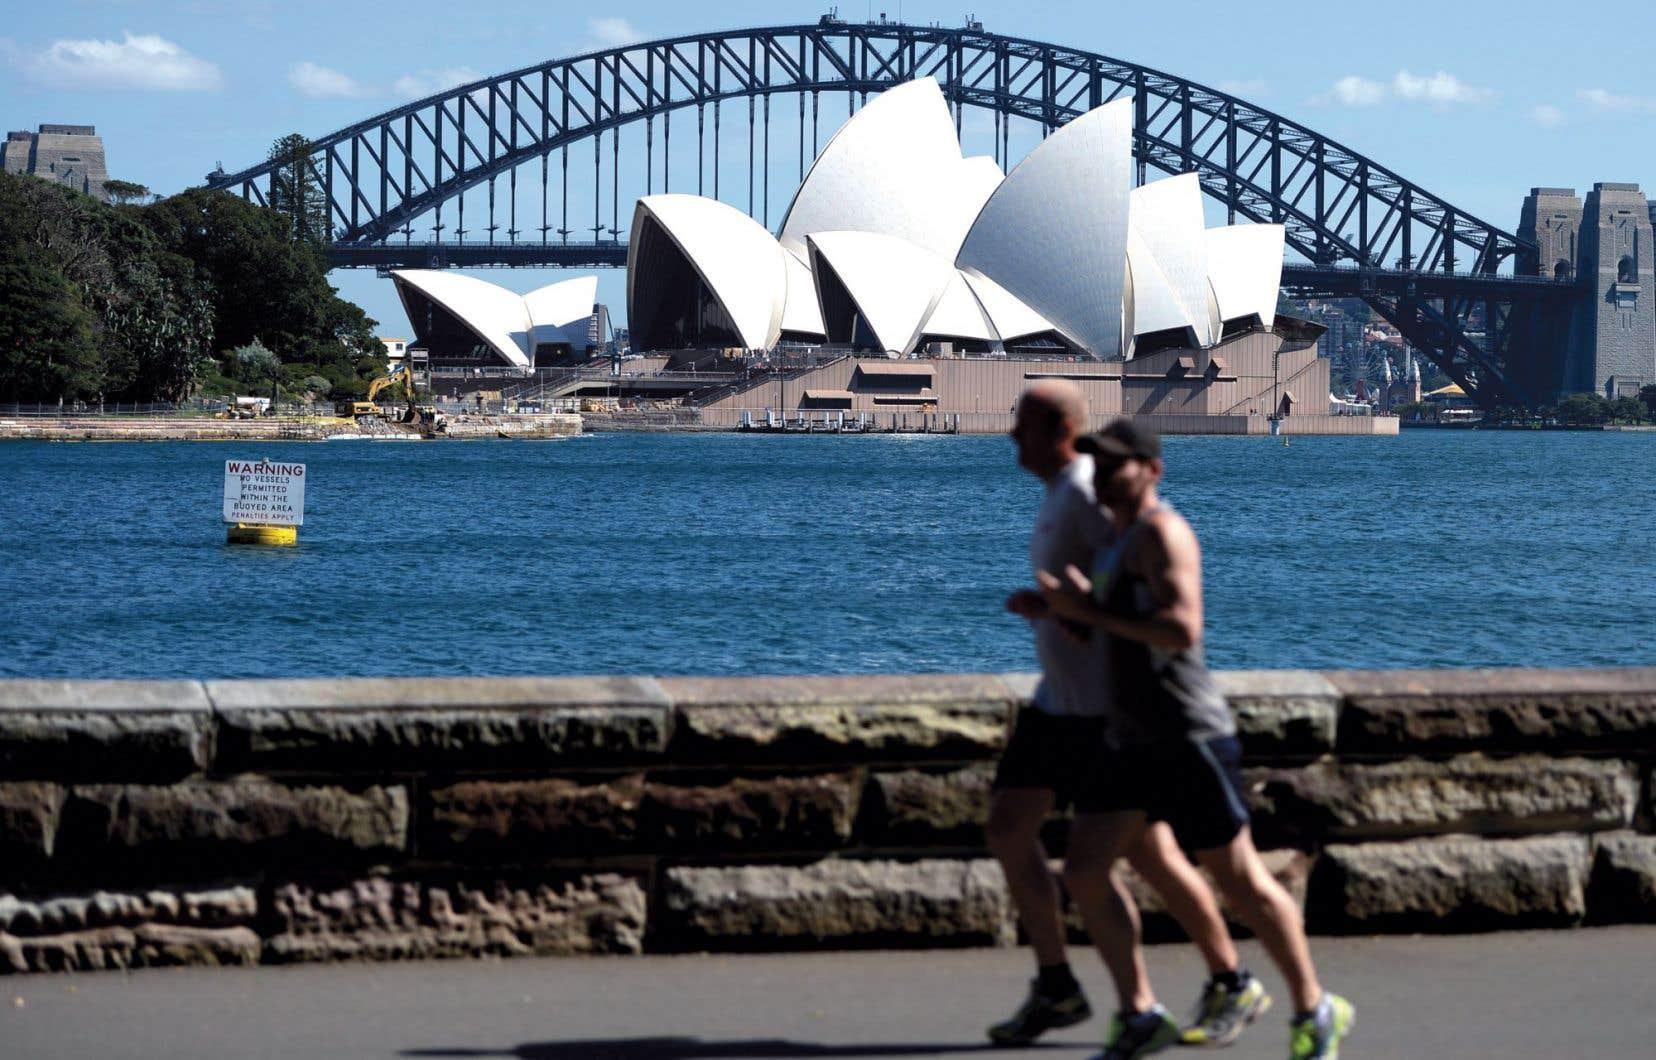 La maison de l'opéra et le pont Harbour à Sydney, en Australie.